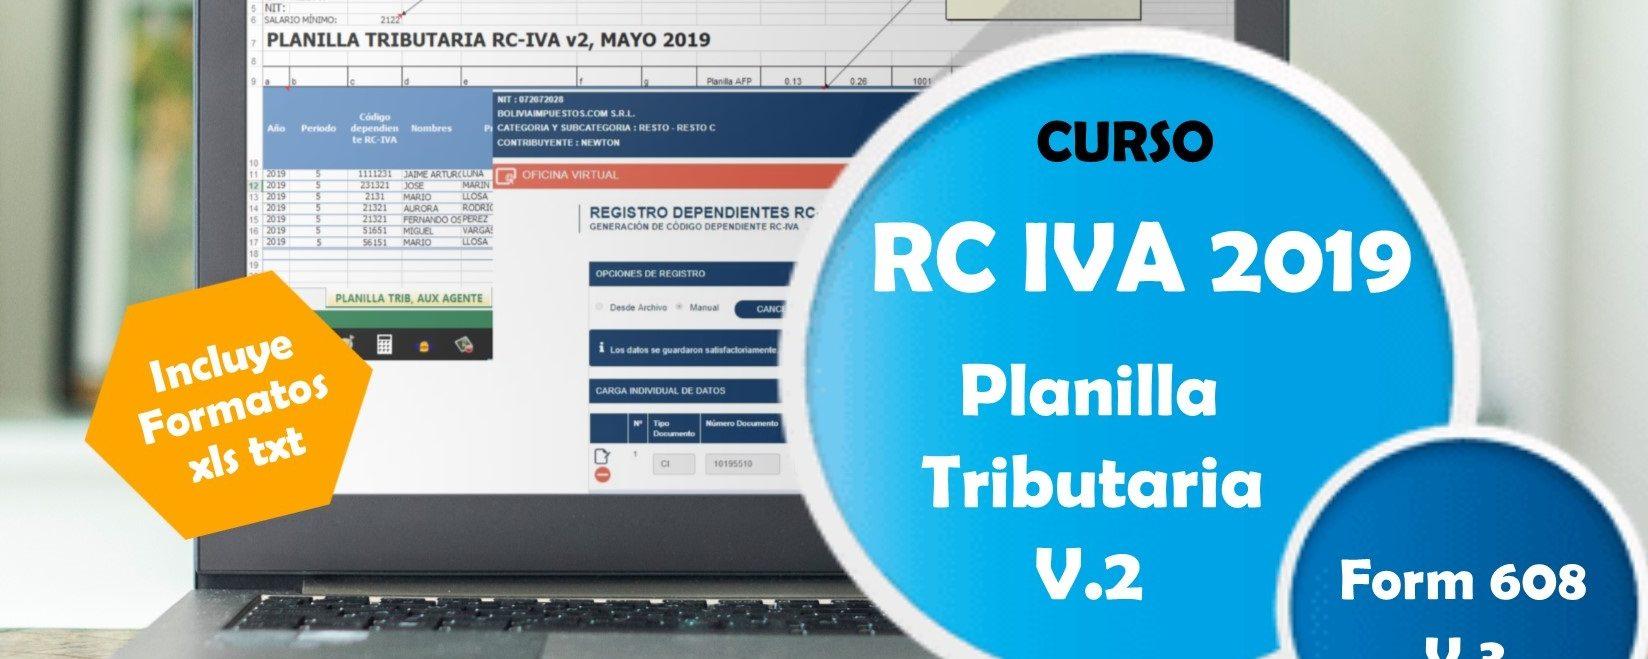 Curso RC IVA 2019, Planilla v2, F608 v3